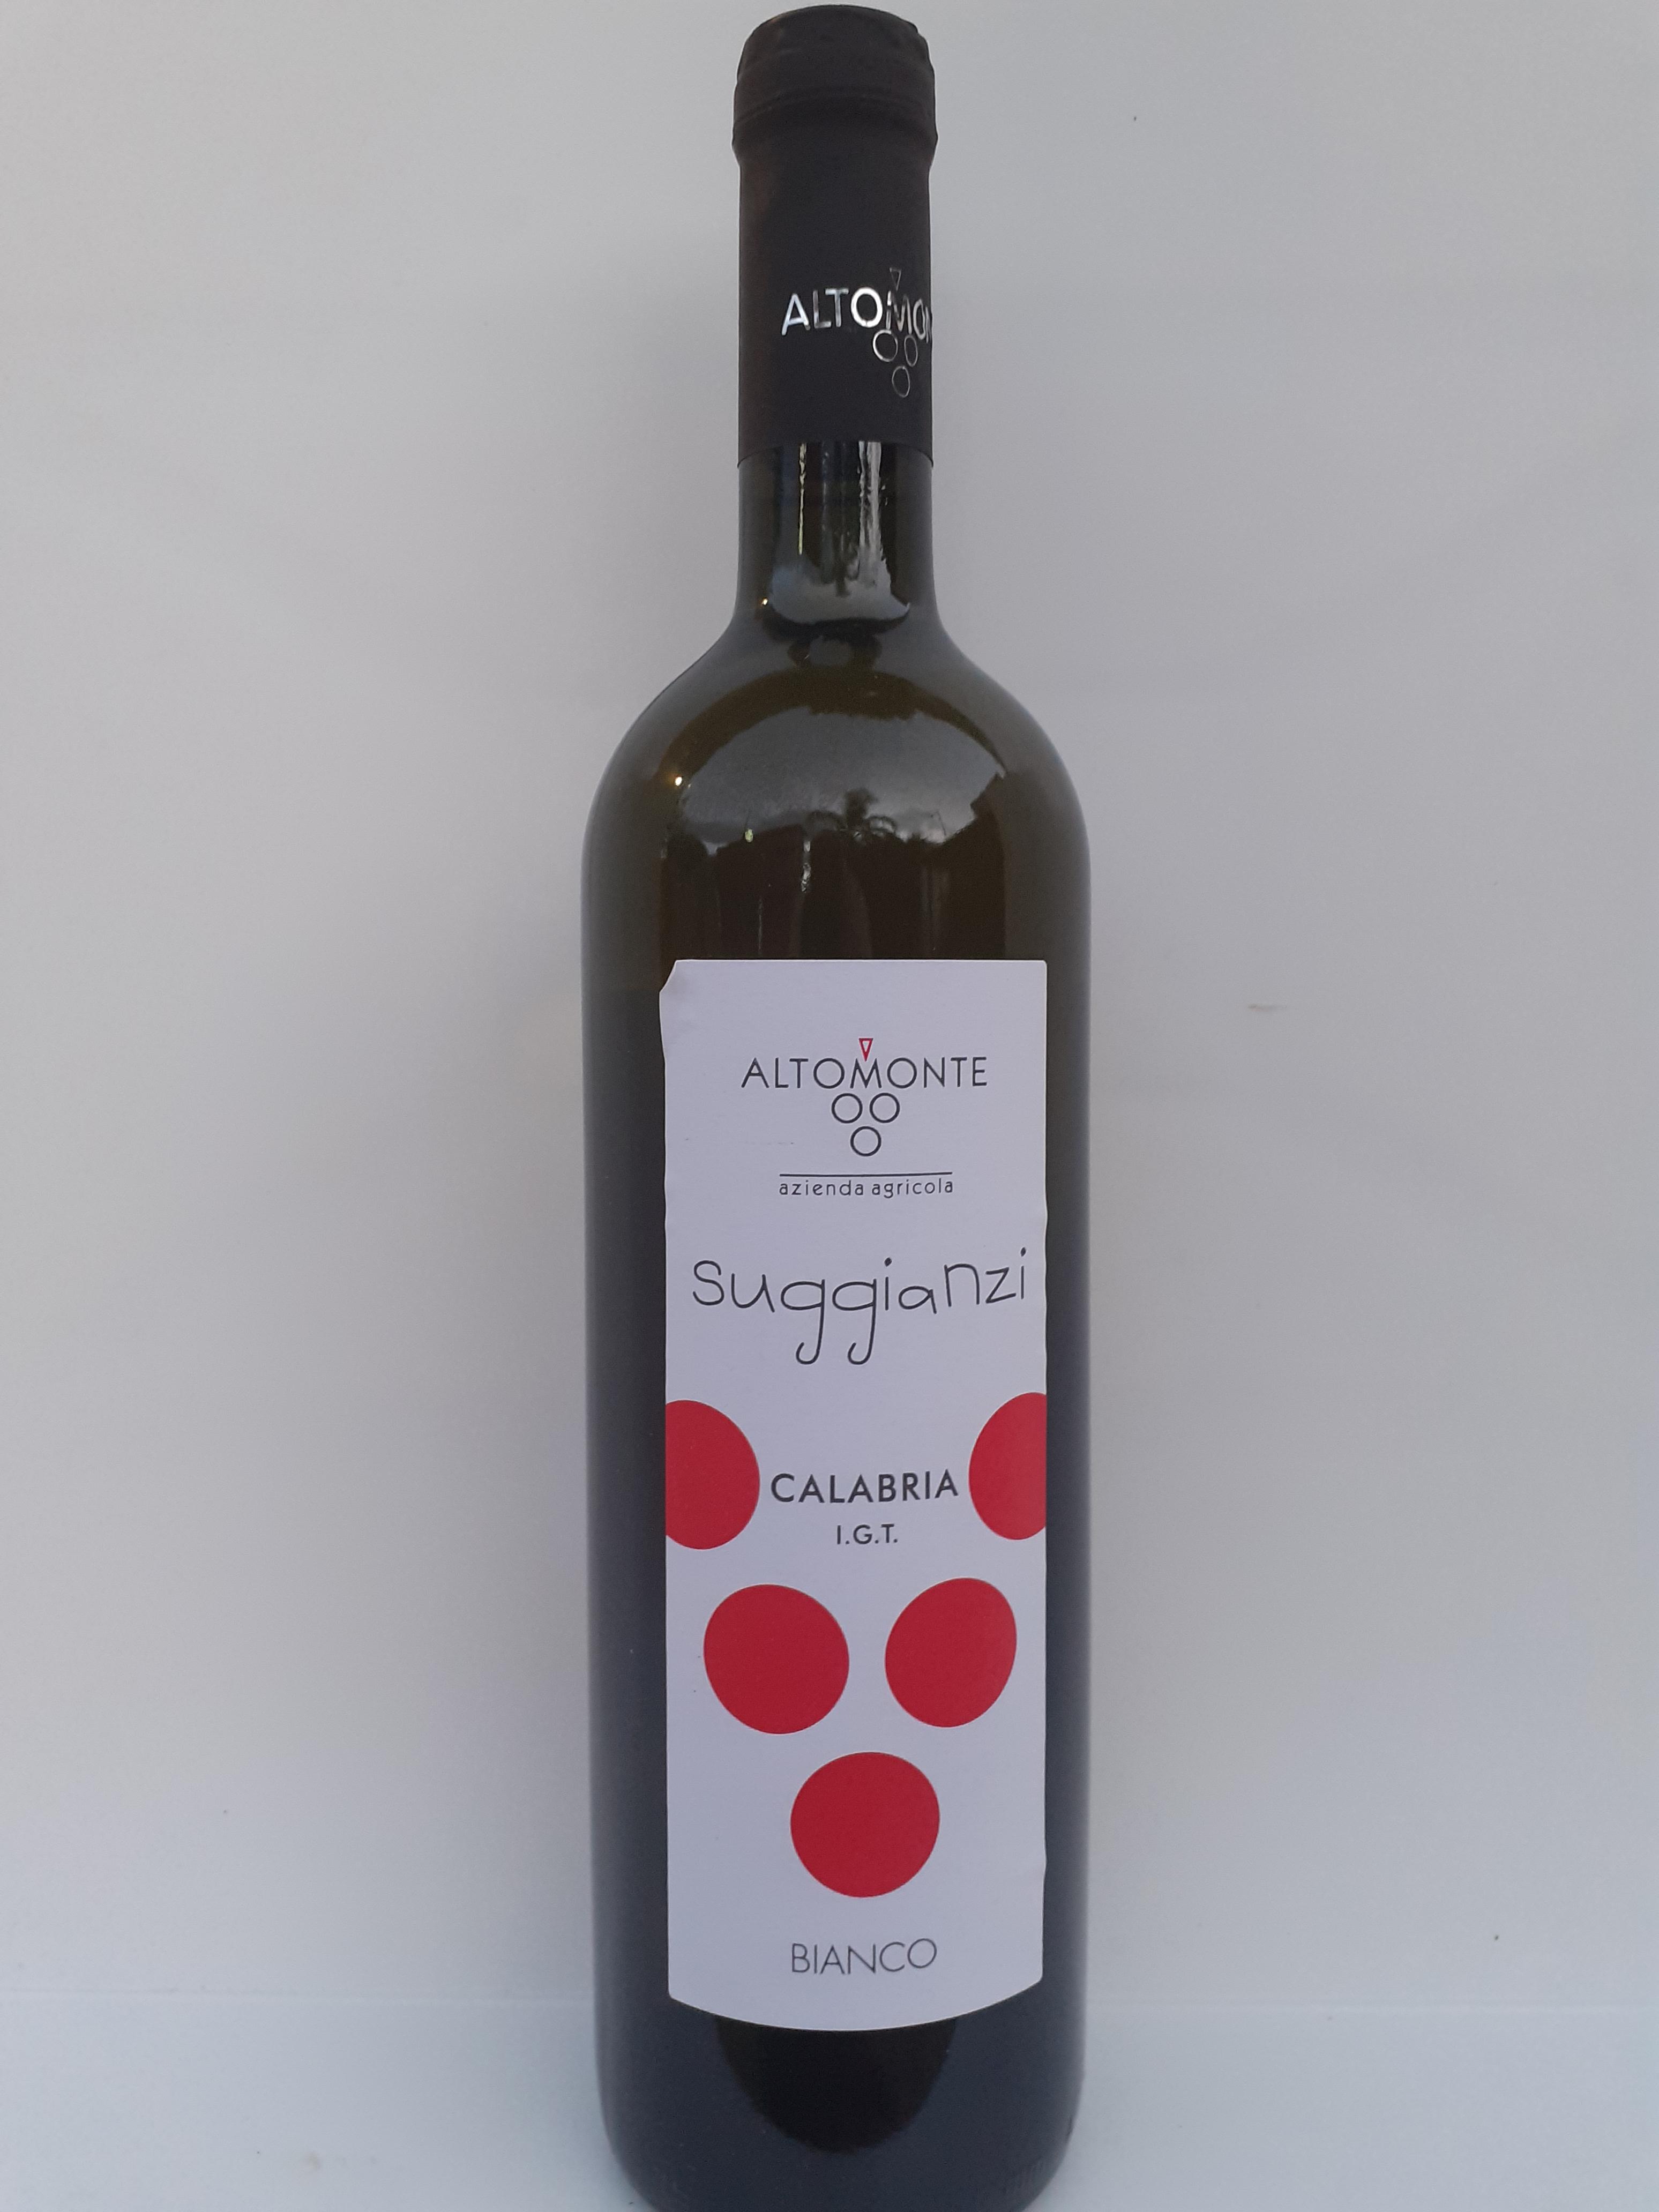 Suggianzi Calabria I.G.T Vino Bianco 750ml. Azienda Vinicola Altomonte Palizzi (RC)